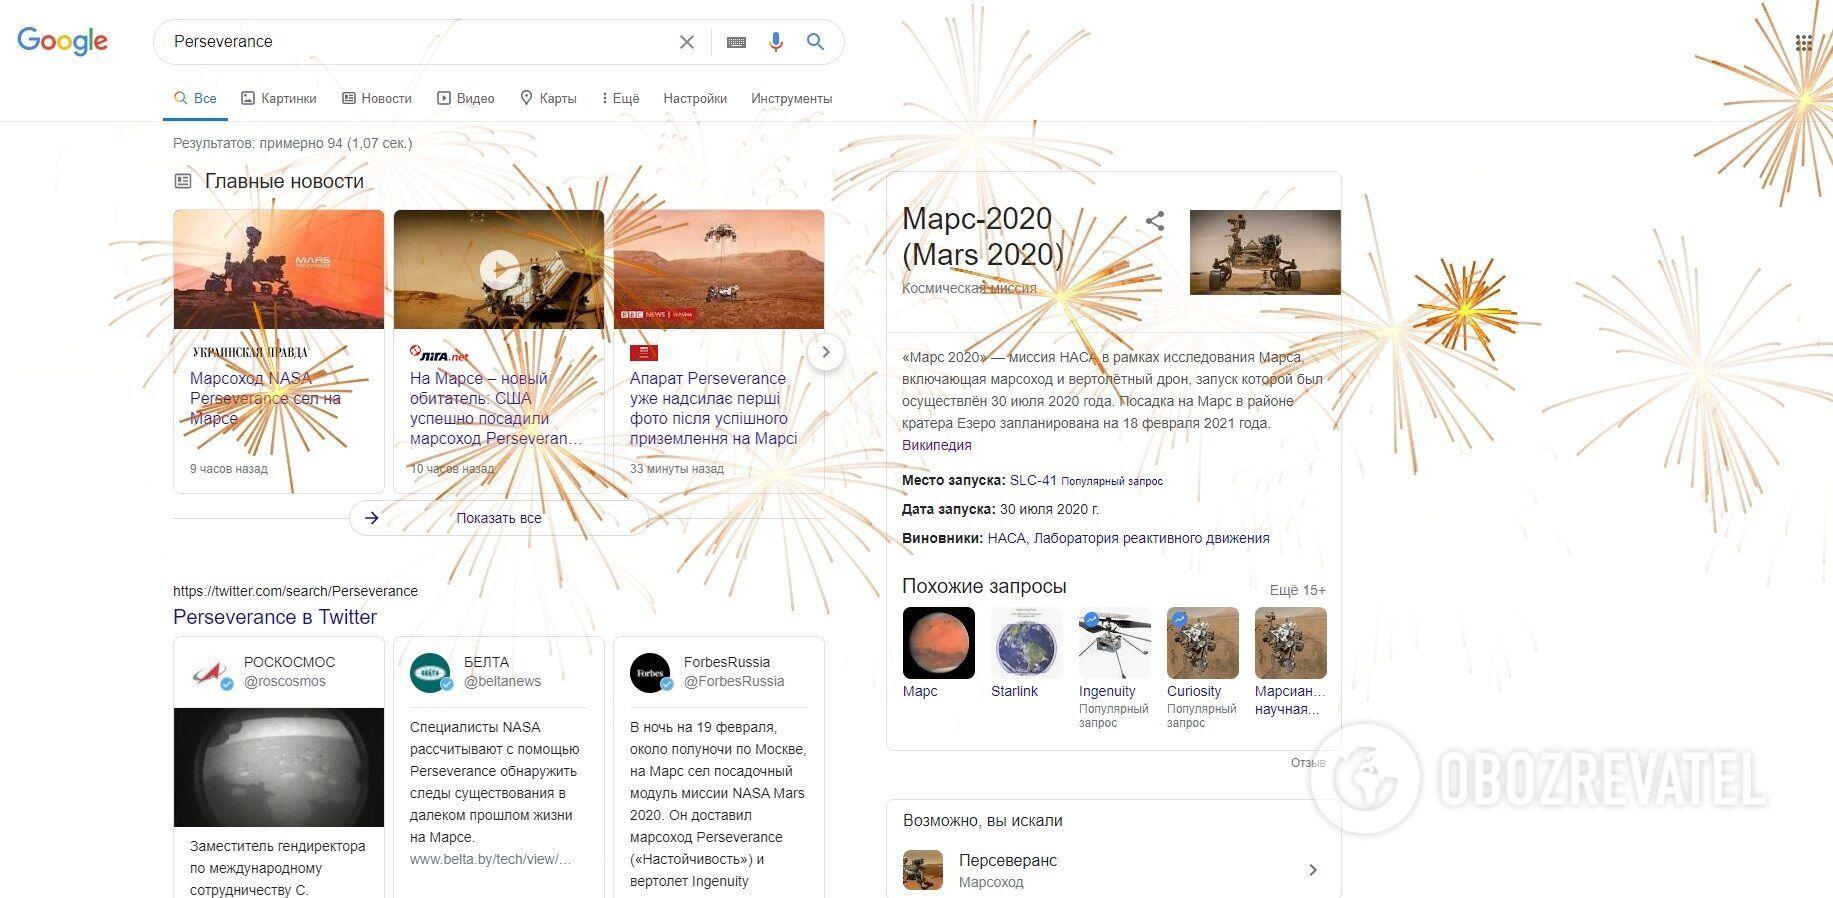 Вітання Perseverance з успішною місією від Google